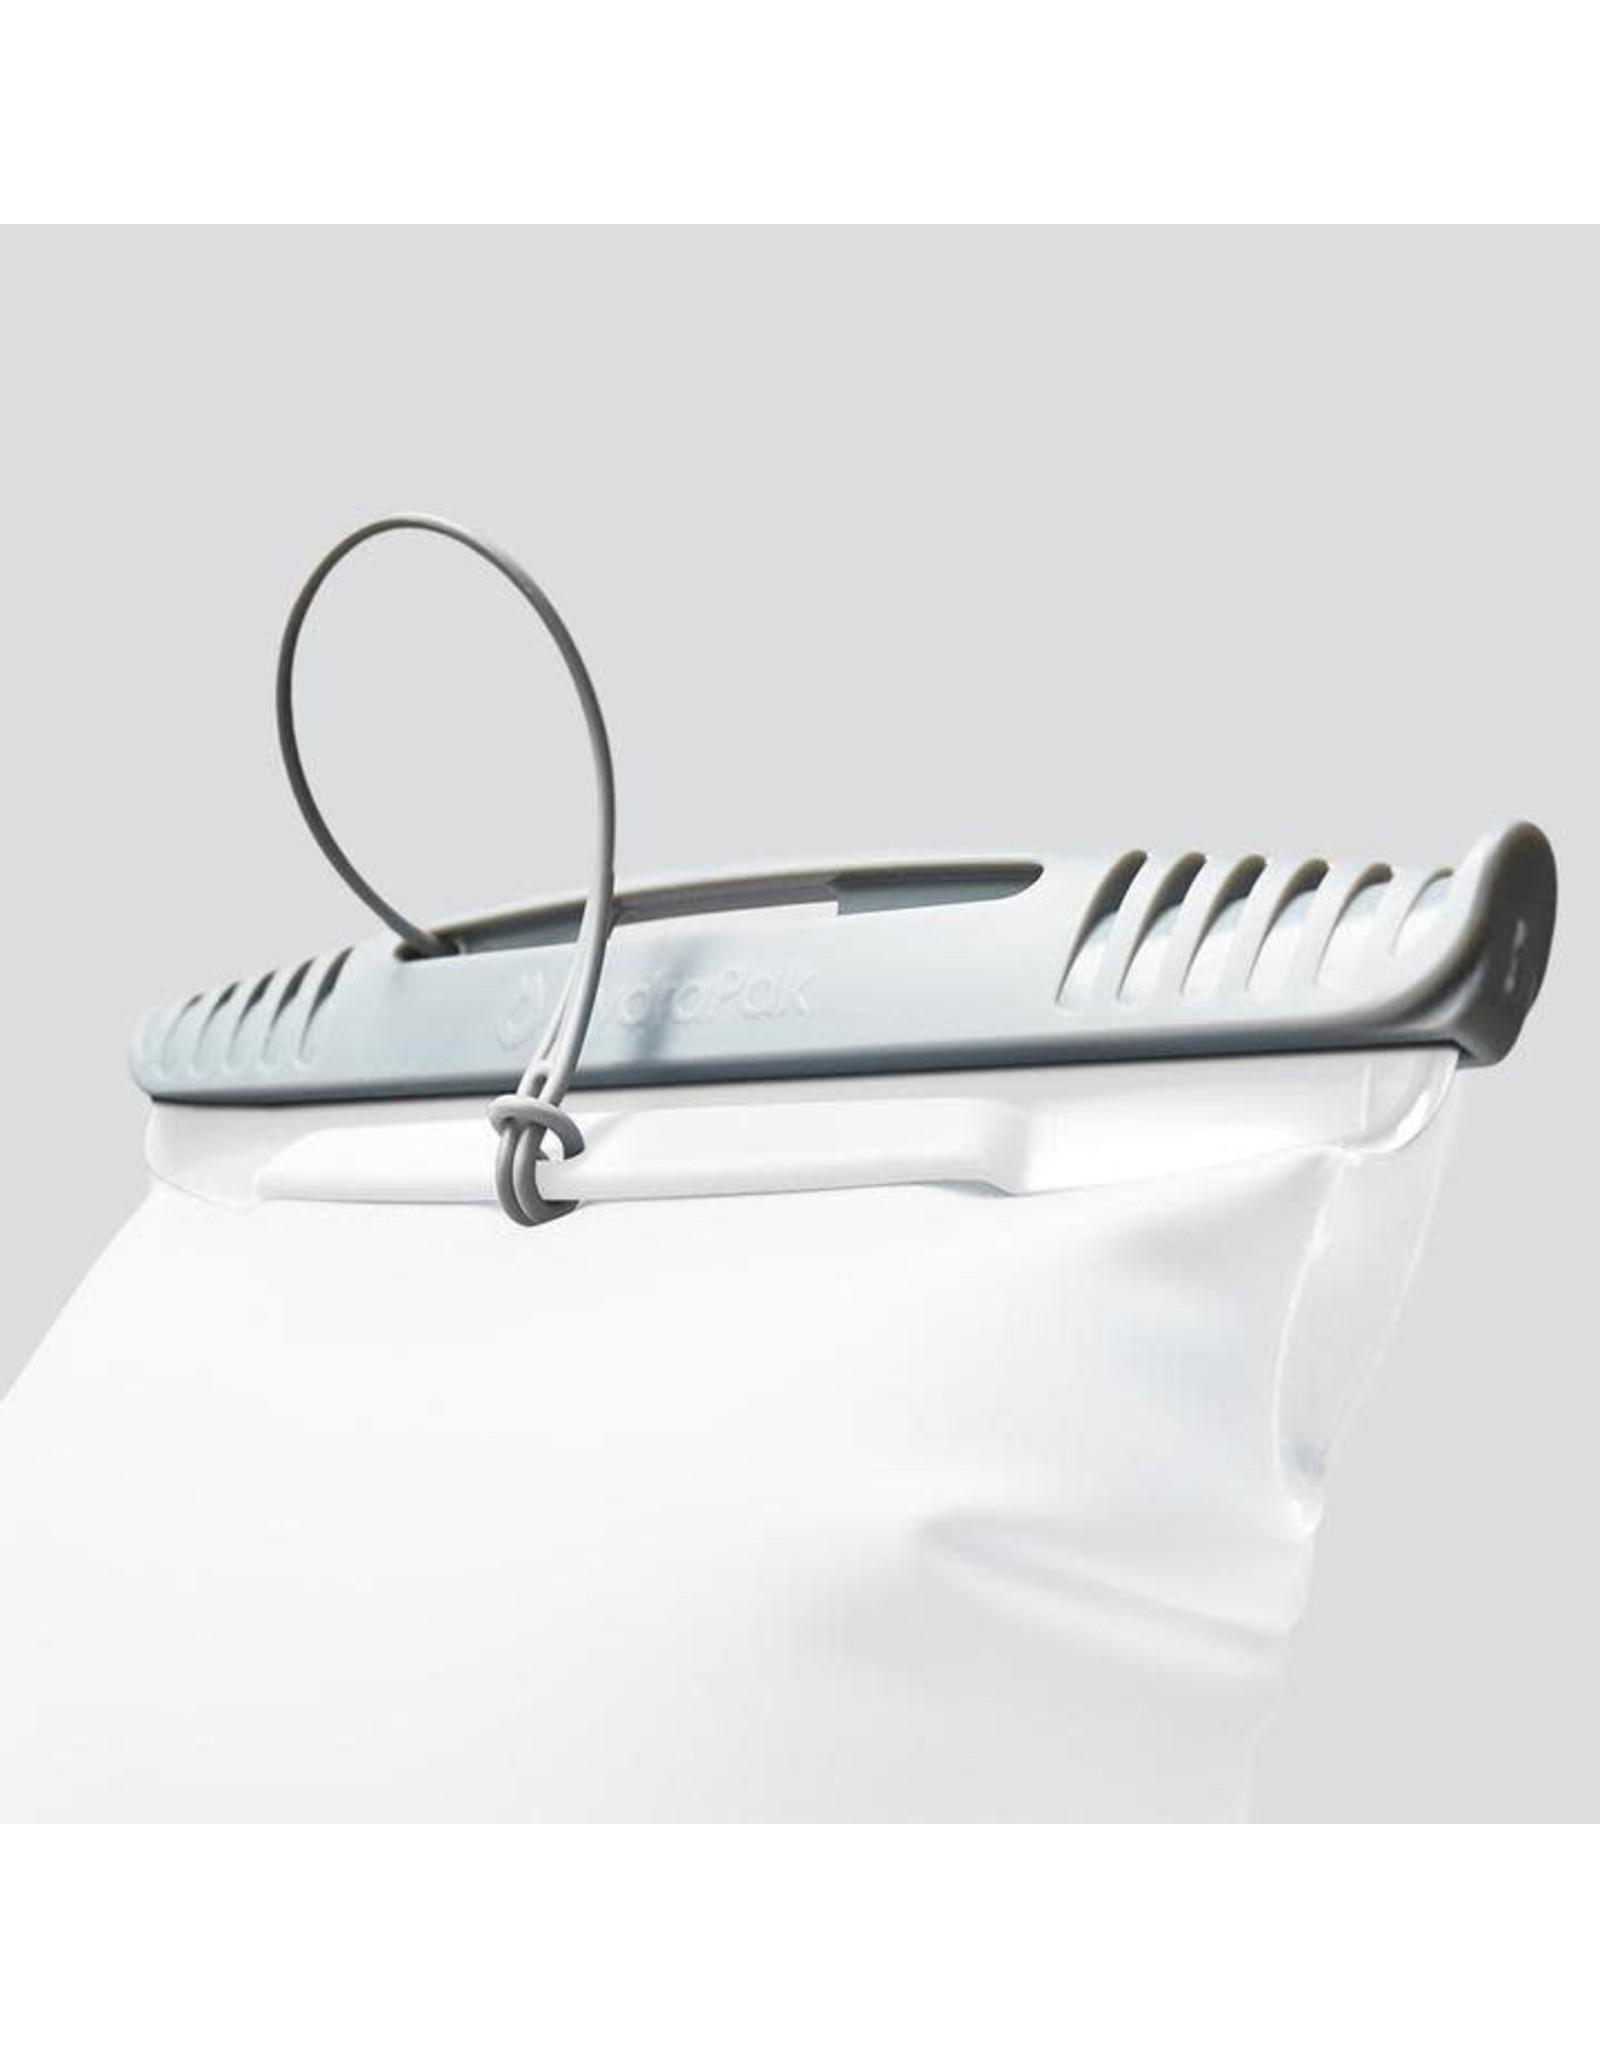 HydraPak HydraPak Shape-shift hydration bag clear 3L-100oz